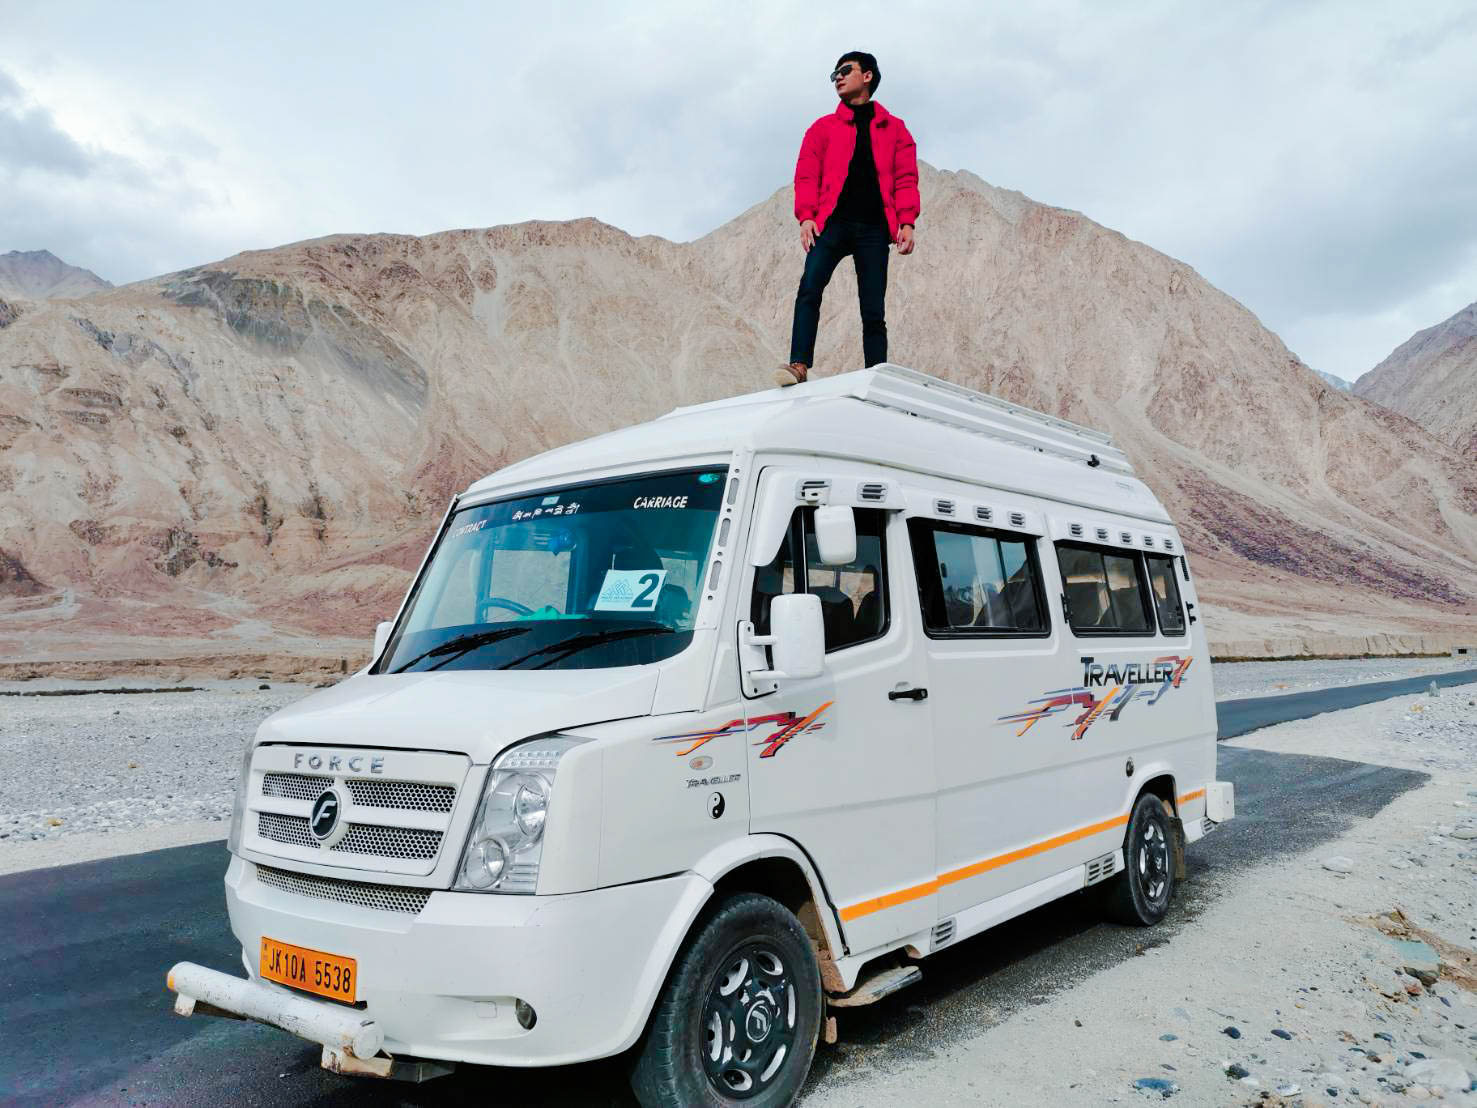 นูบร้าวัลเลย ทัวร์เลห์ ลาดักห์ เที่ยวเลห์ ลาดักห์ Leh Ladakh Tour leh ladakh